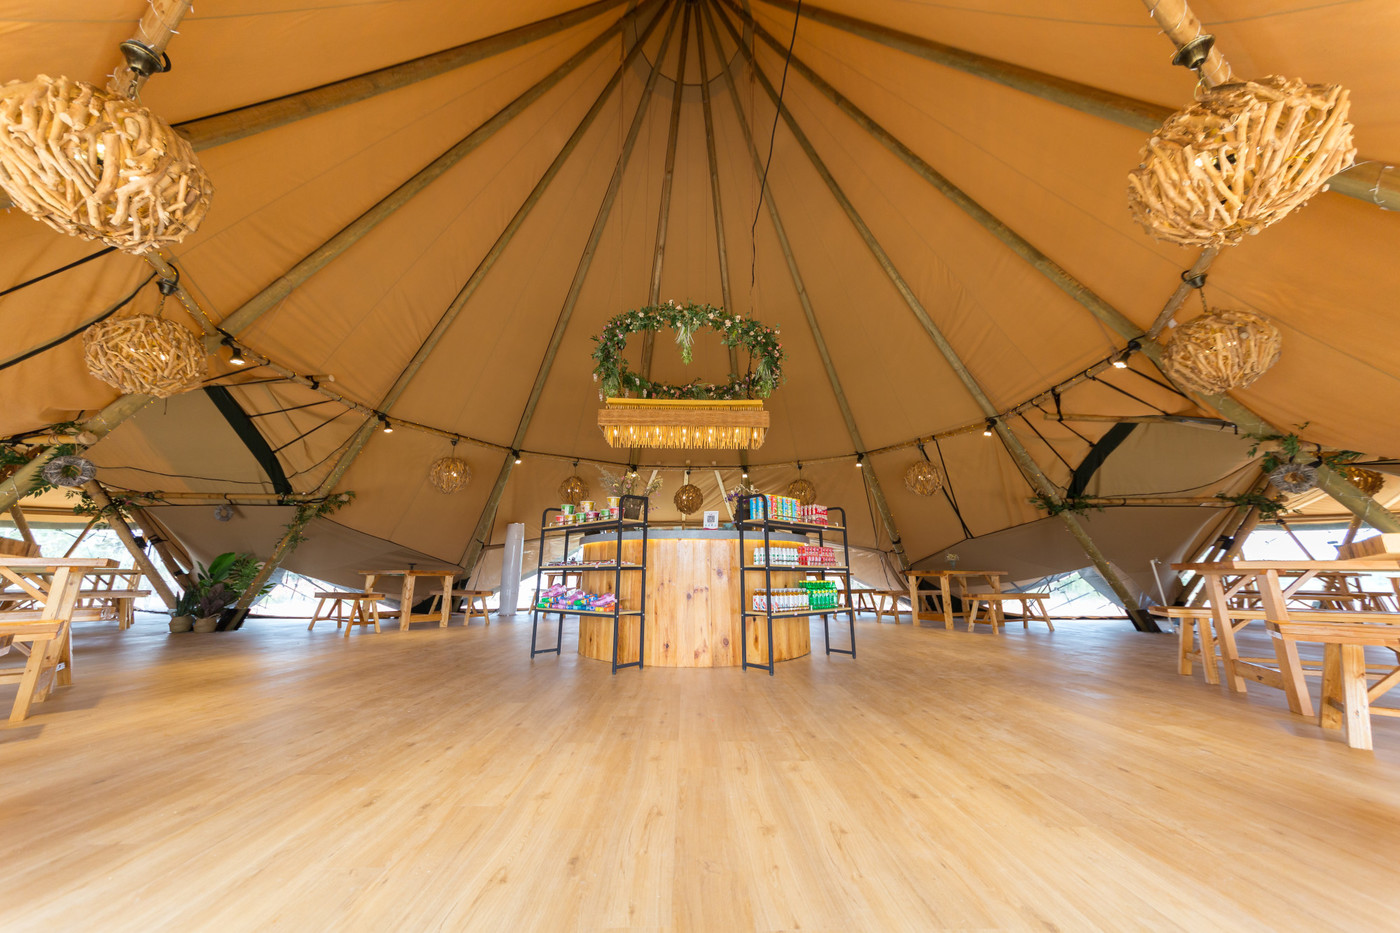 喜马拉雅印第安多功能大厅—淮安白马湖生态旅游度假区22